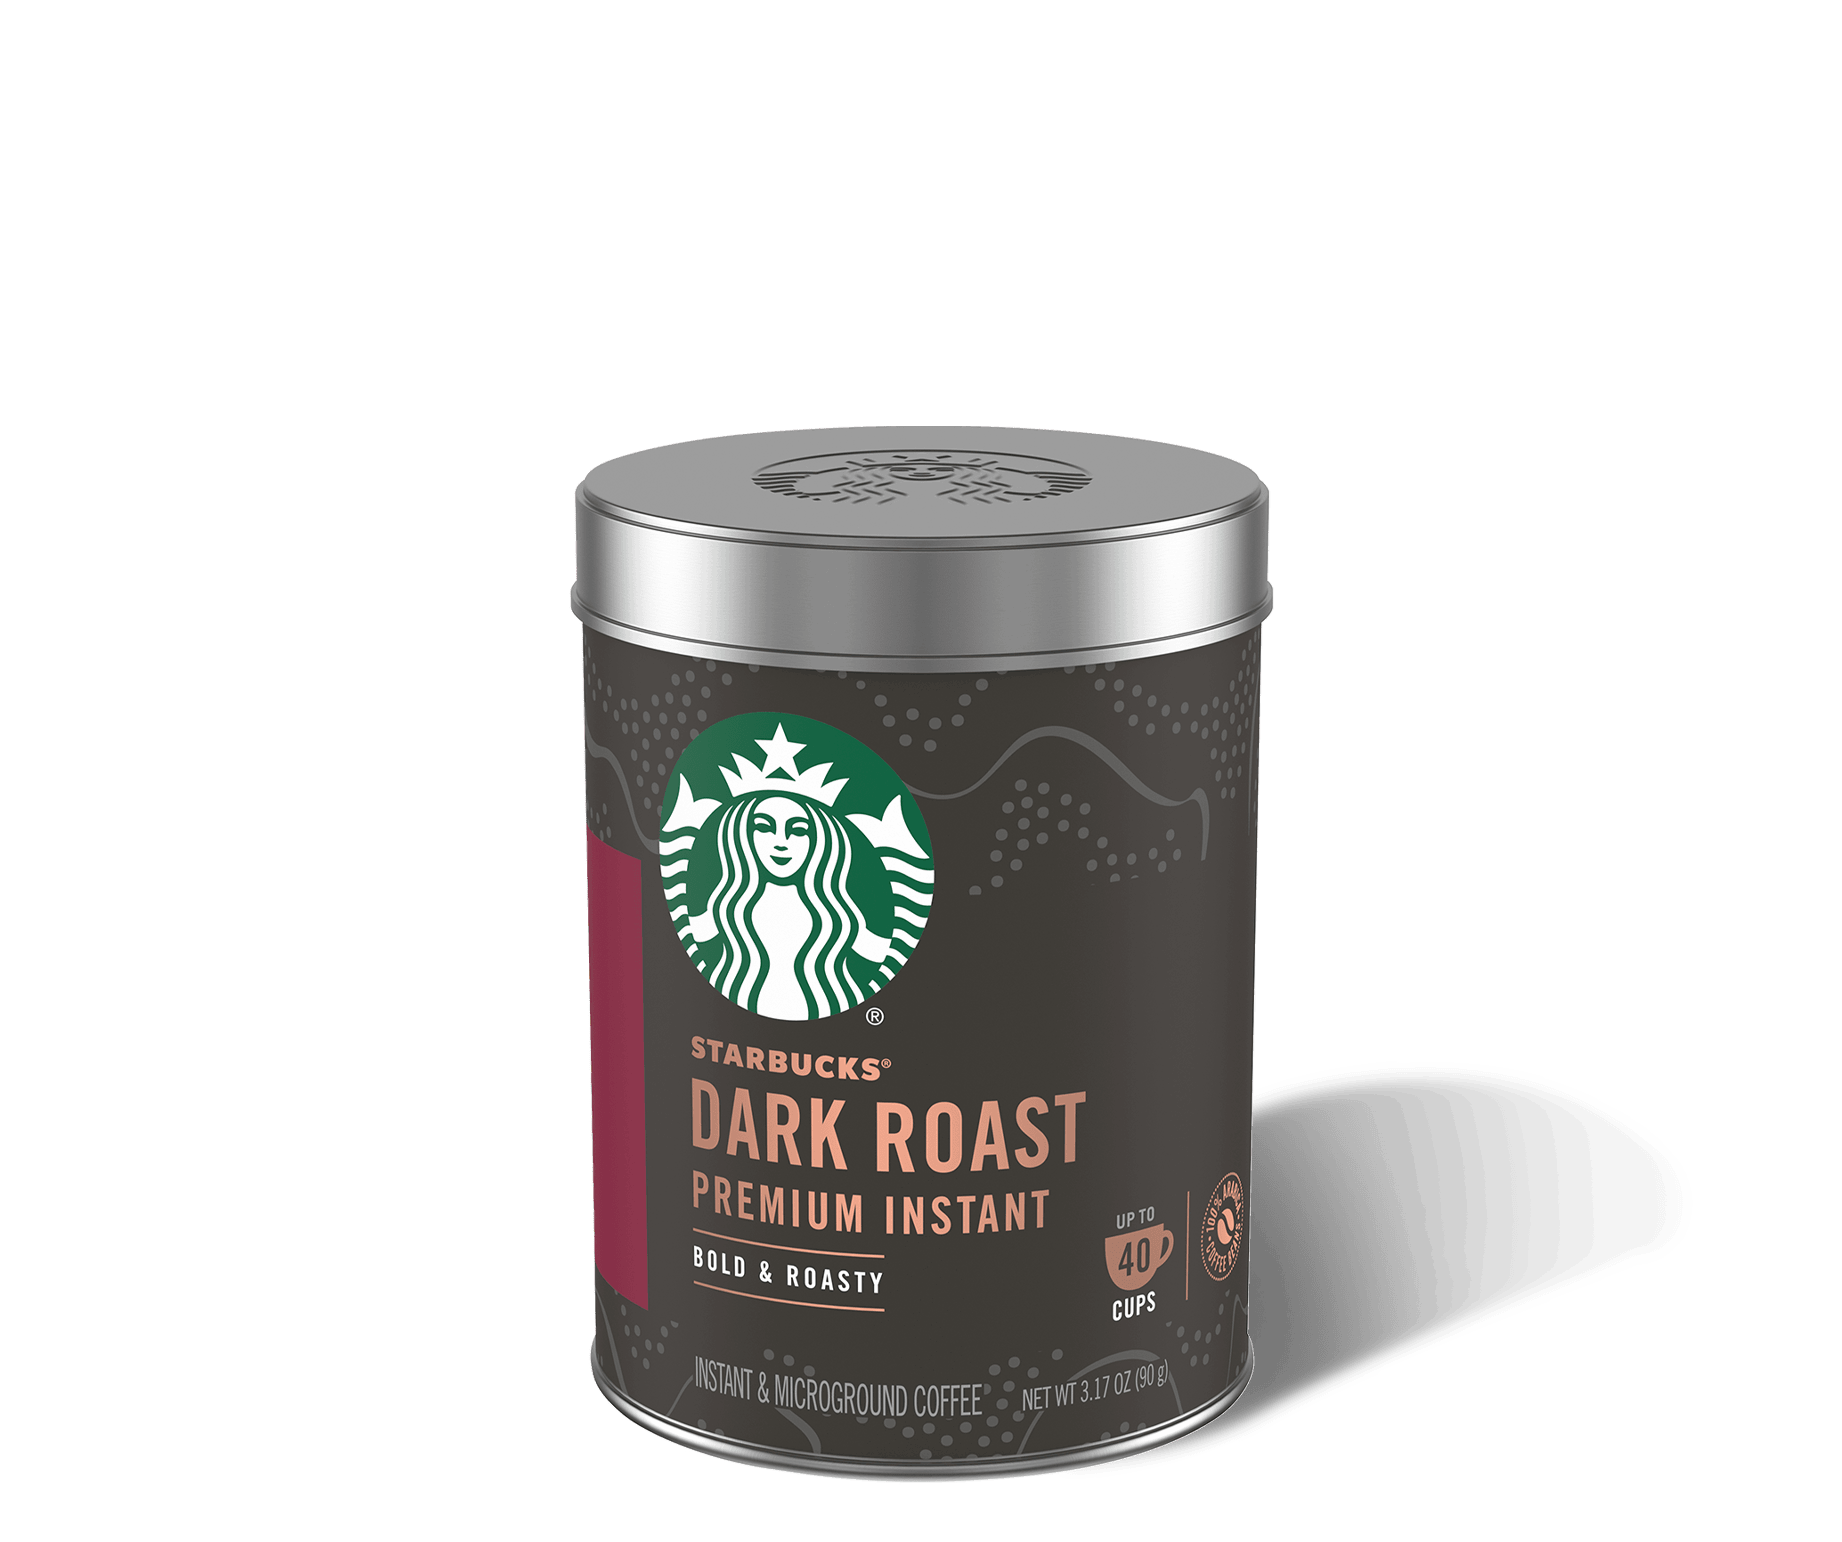 Starbucks® Premium Instant Dark Roast